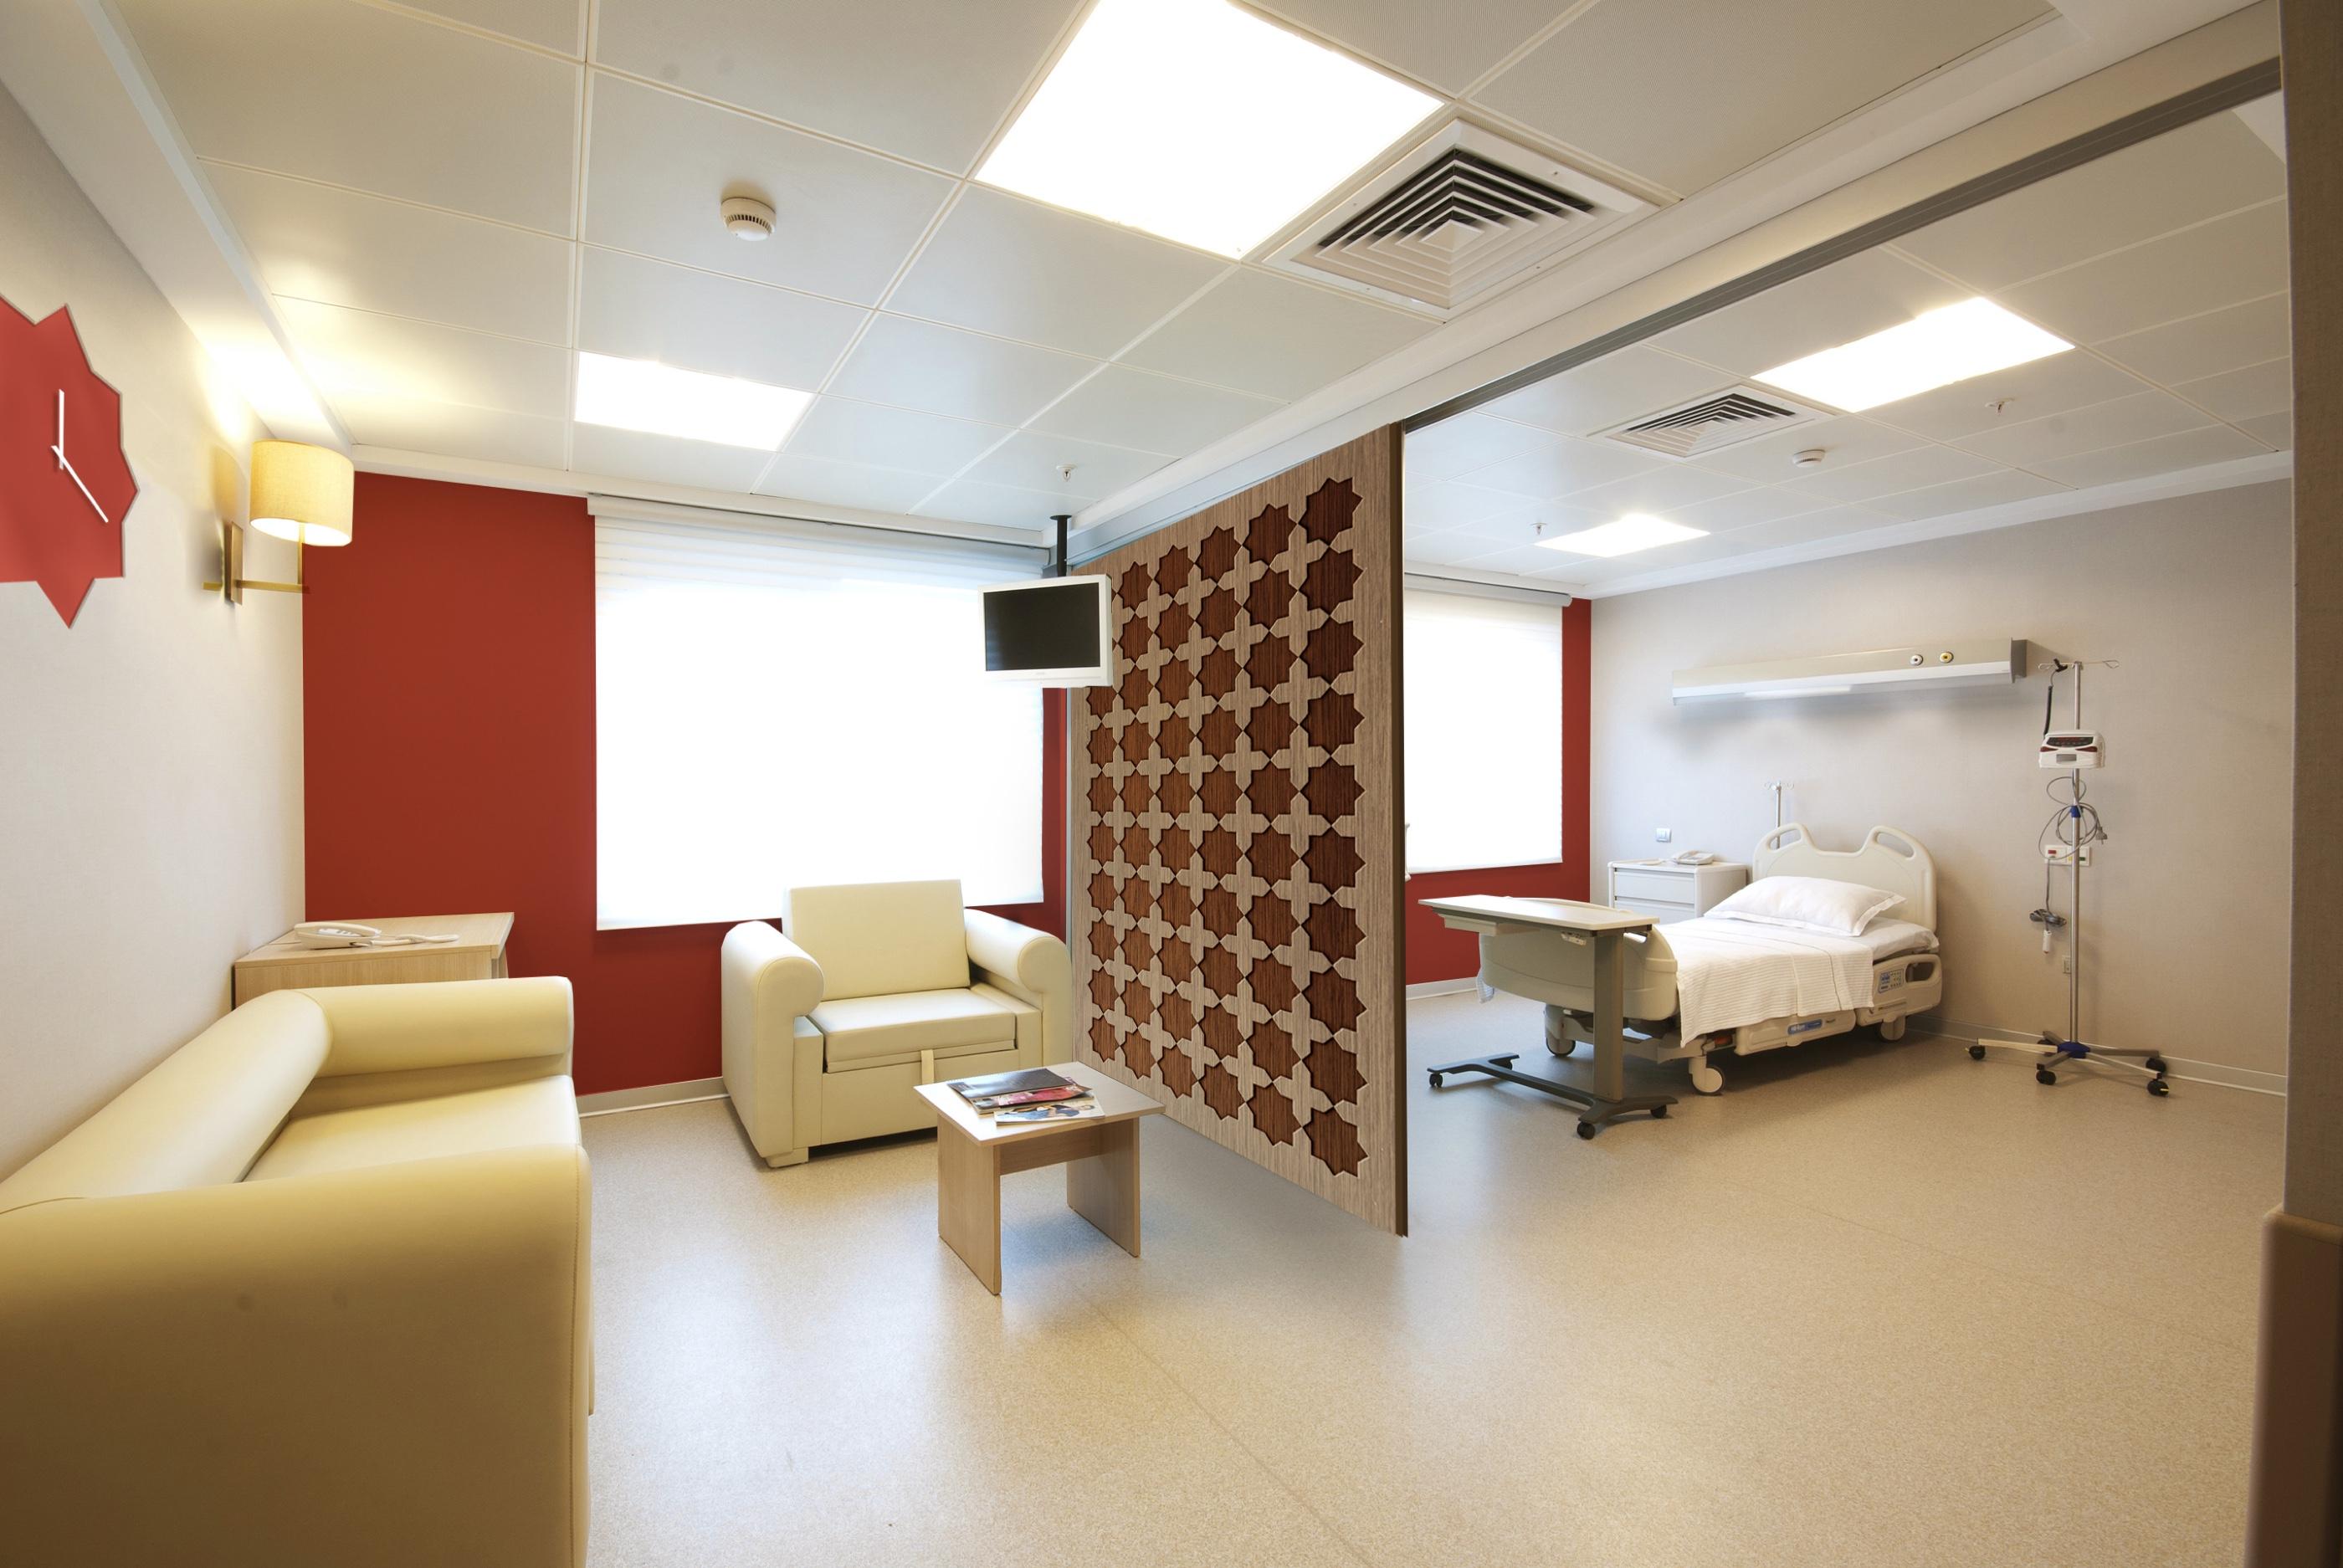 HospitalRoom